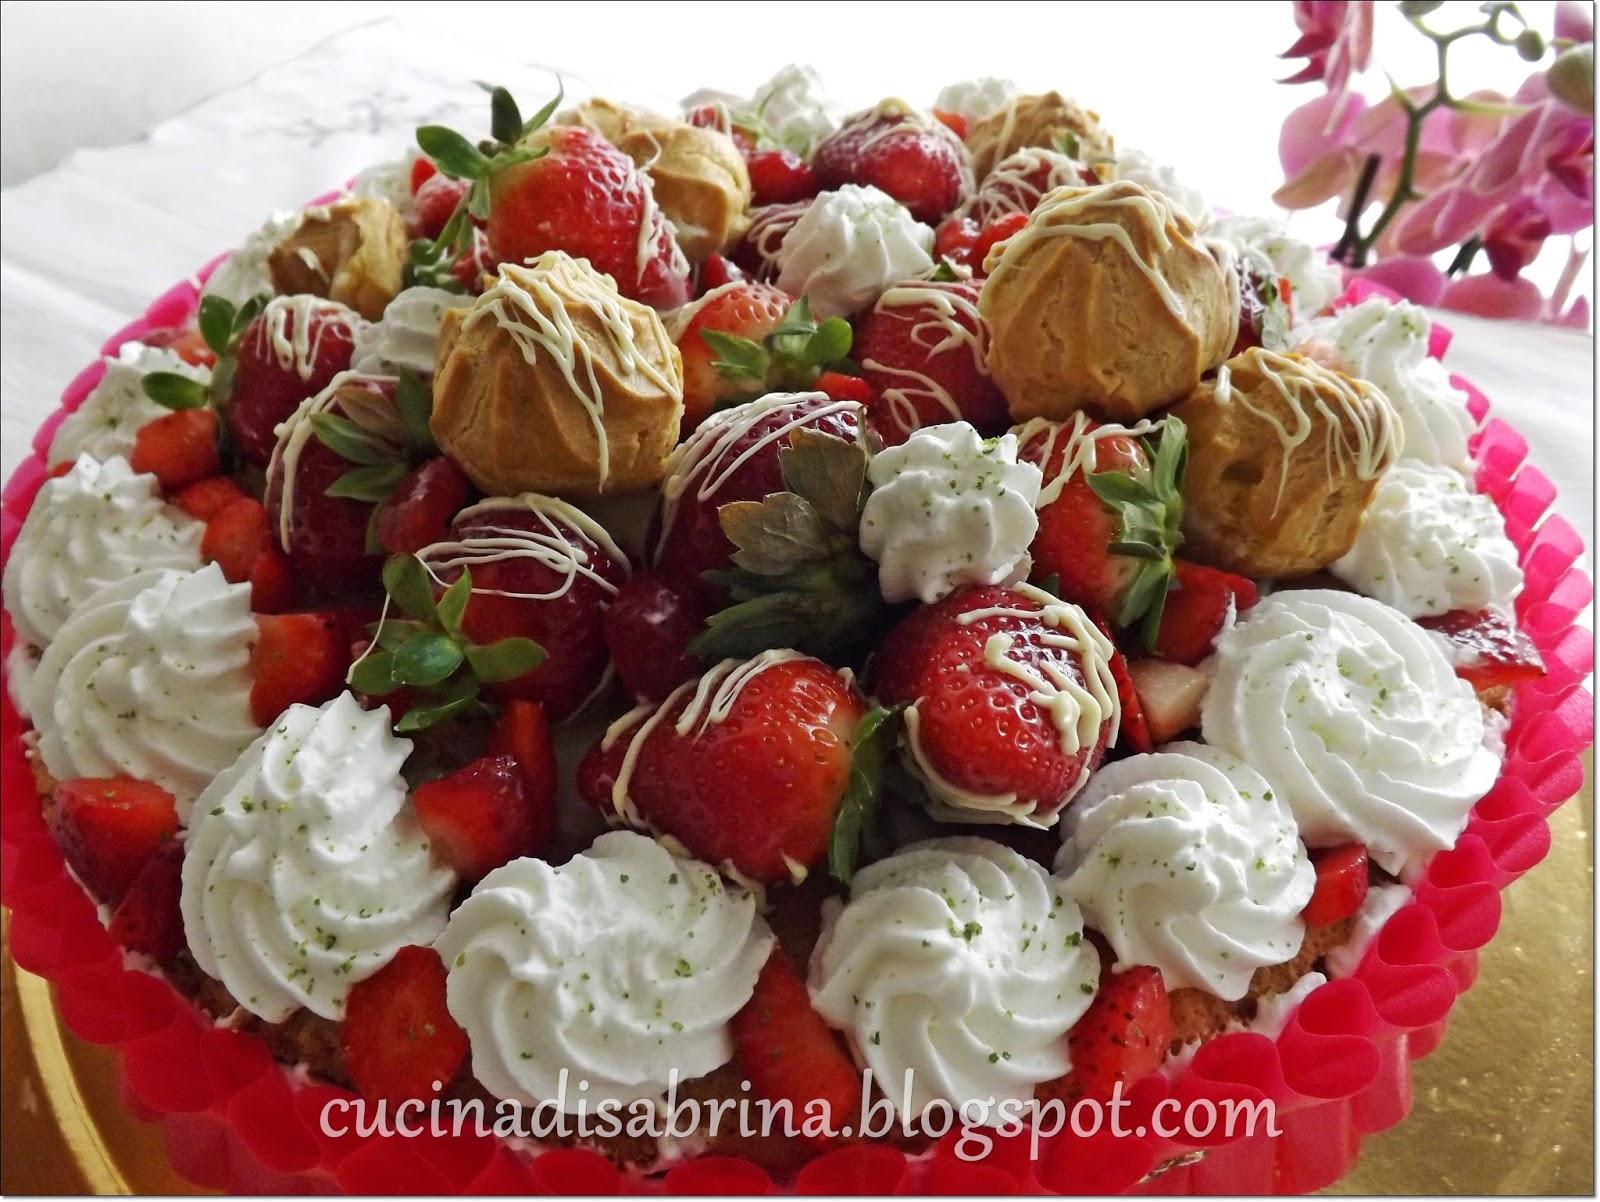 La cucina di sabrina torta di fragole con crema al for Decorazioni torte con fragole e cioccolato